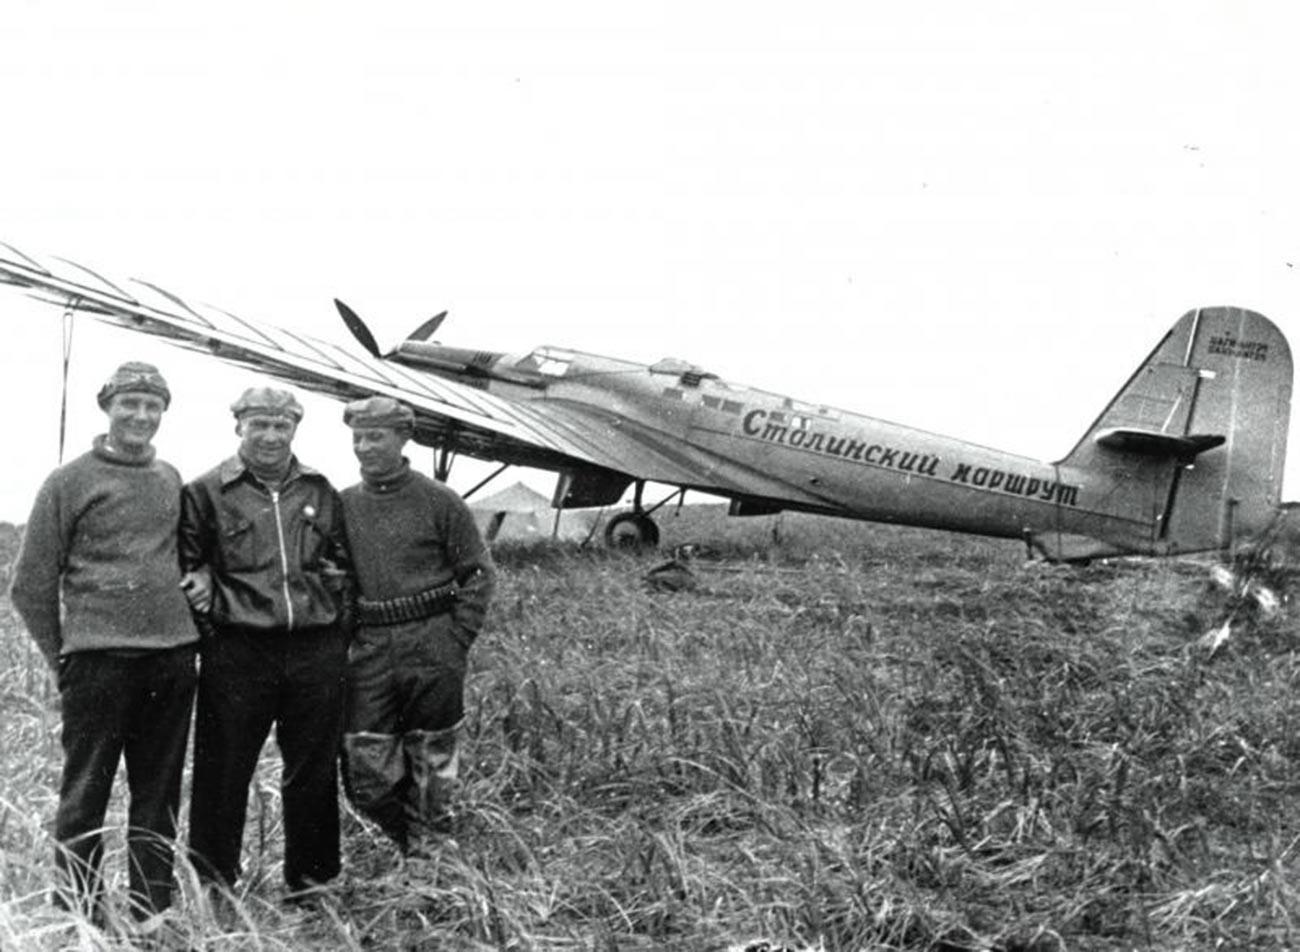 Posadka Čkalova (na sredini) po poletu julija 1936.